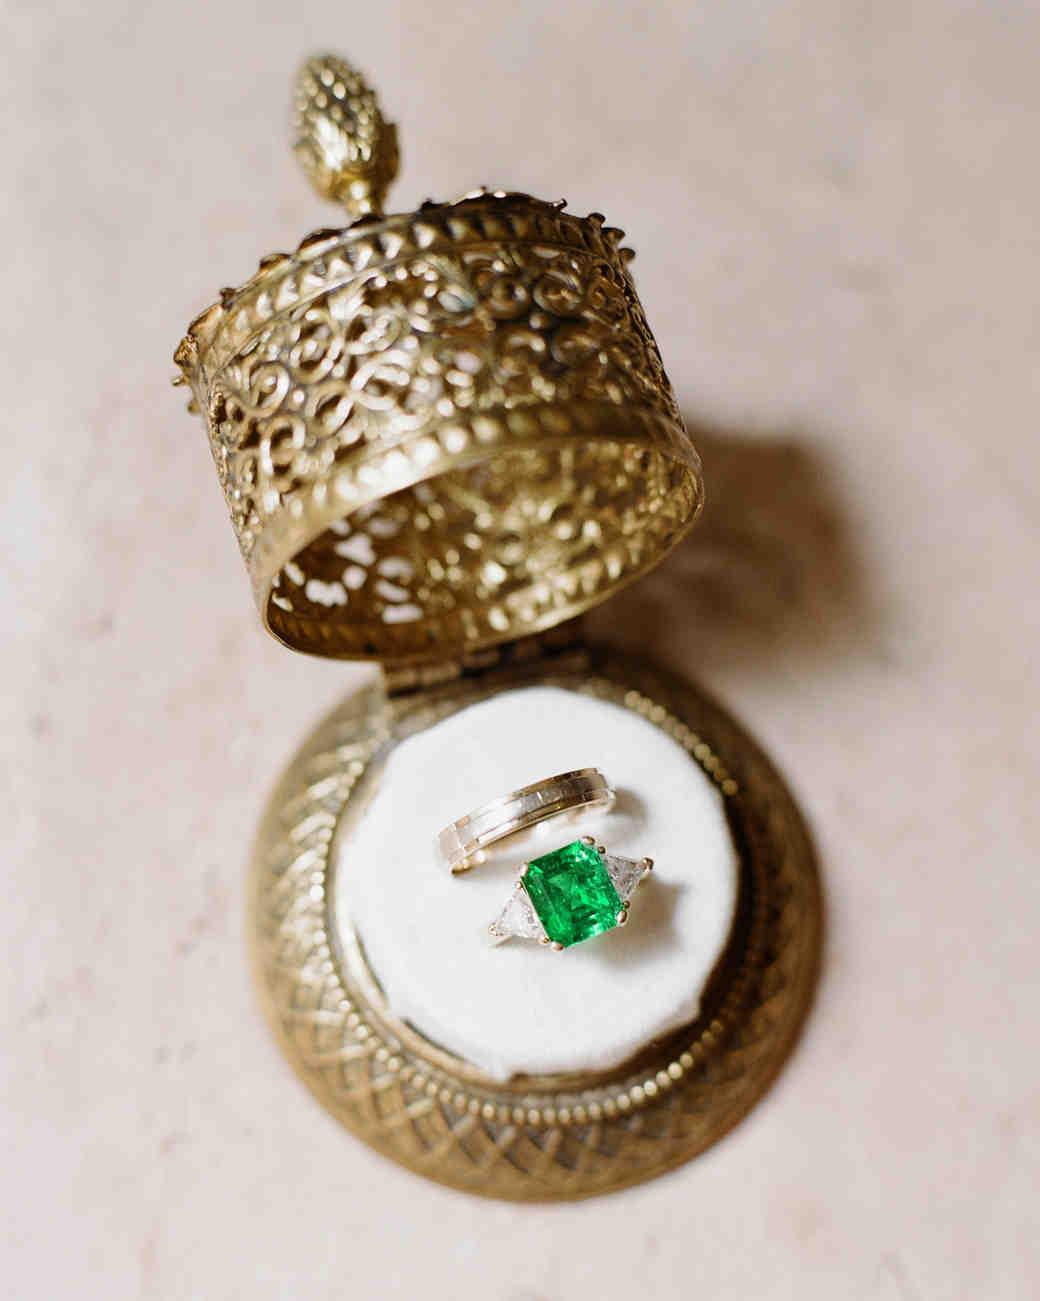 julie-chris-wedding-rings-0560-s12649-0216.jpg